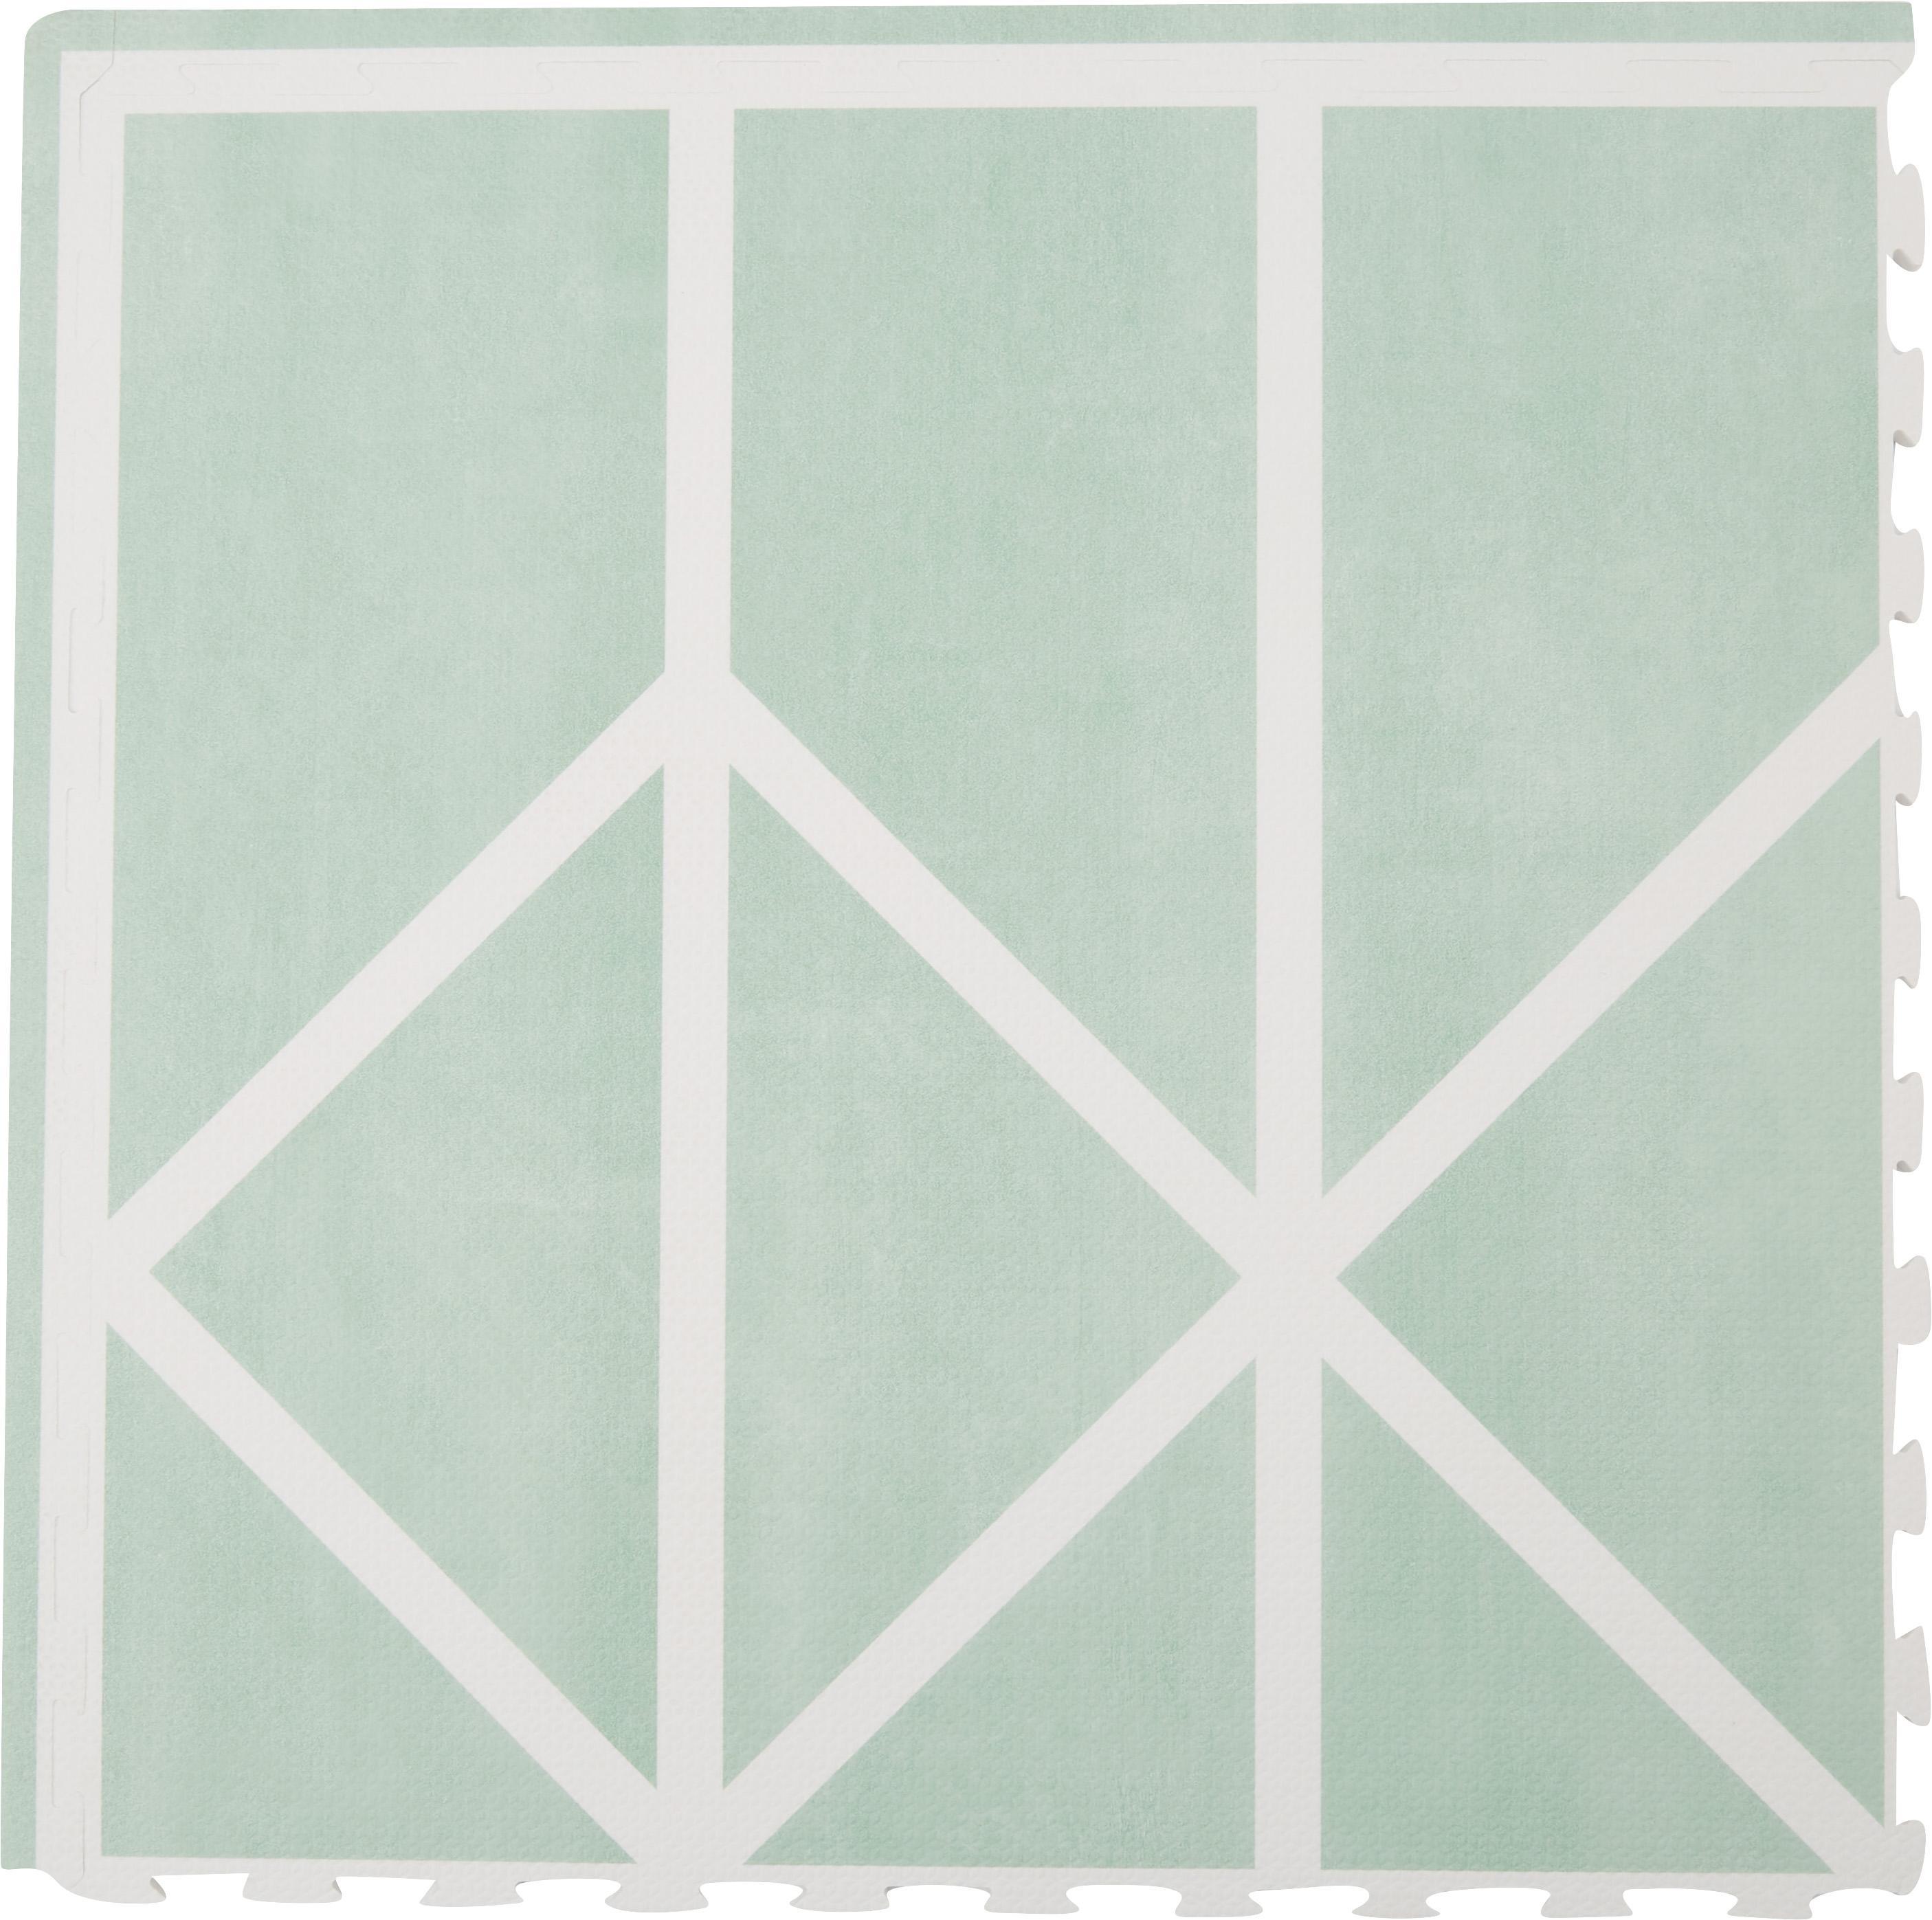 Tappeto da gioco Nordic 18 pz, Schiuma (EVAC), priva di sostanze inquinanti, Verde, crema, Larg. 120 x Lung. 180 cm